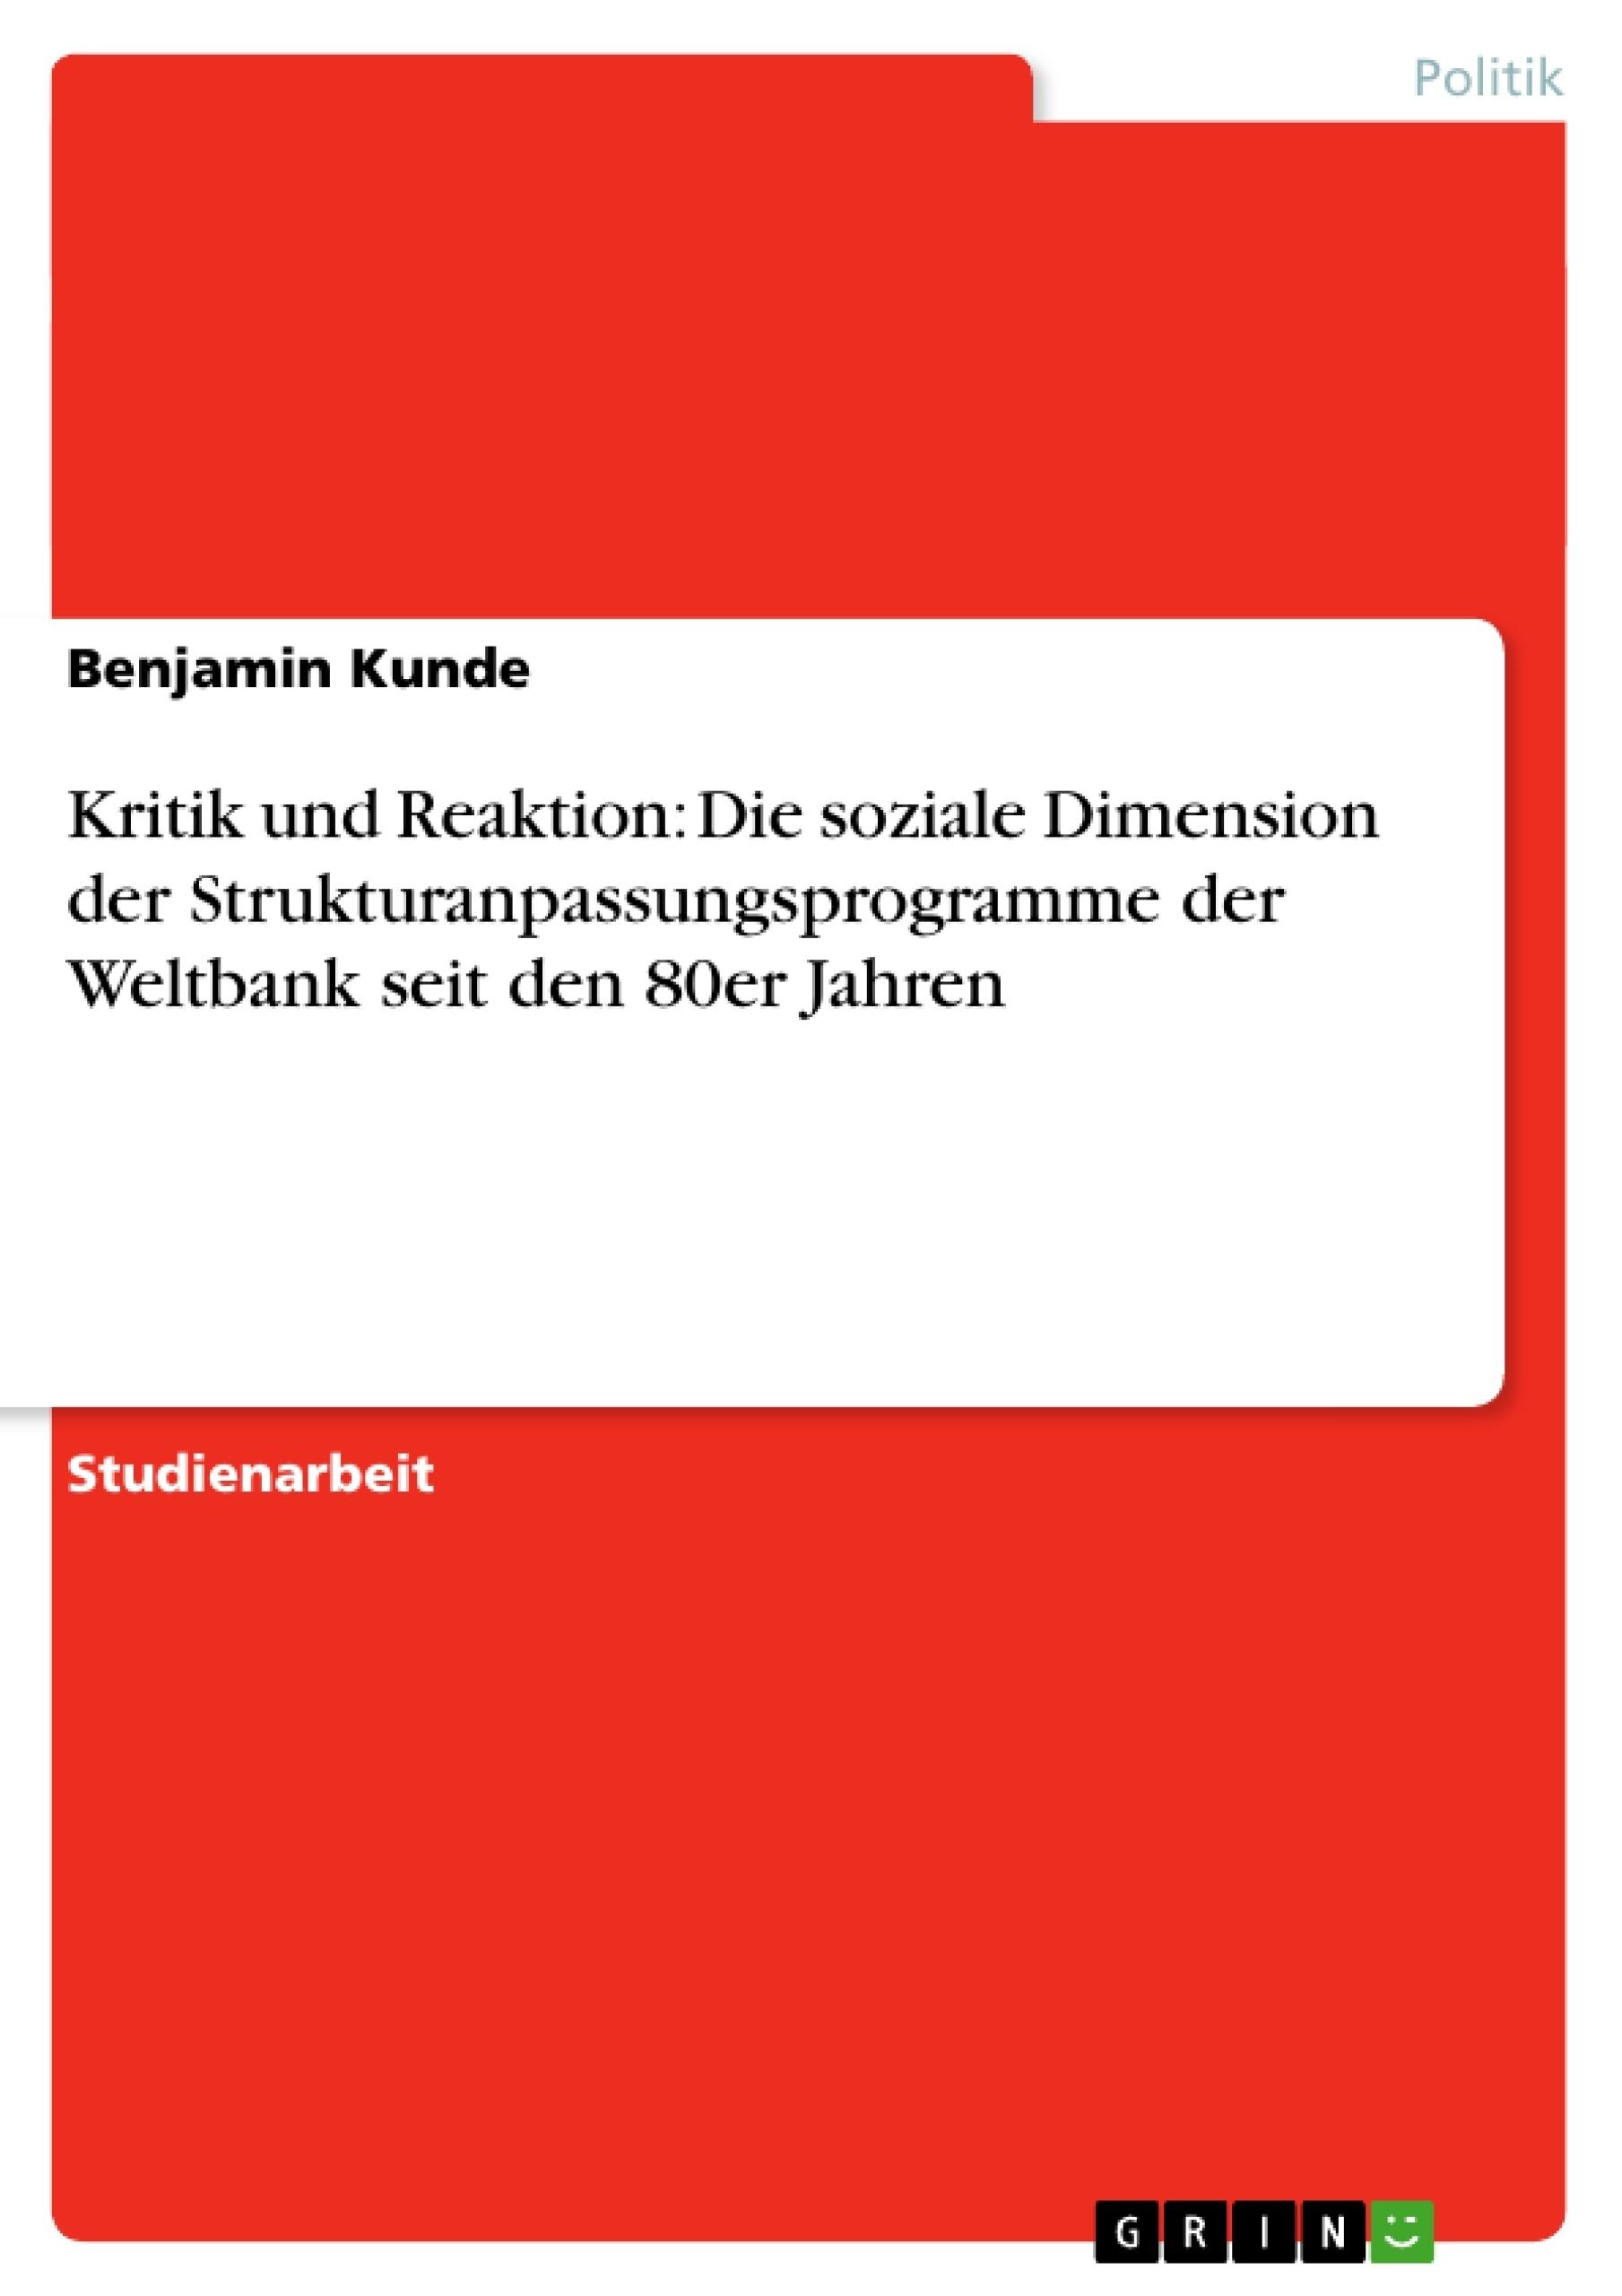 Titel: Kritik und Reaktion: Die soziale Dimension der Strukturanpassungsprogramme der Weltbank seit den 80er Jahren